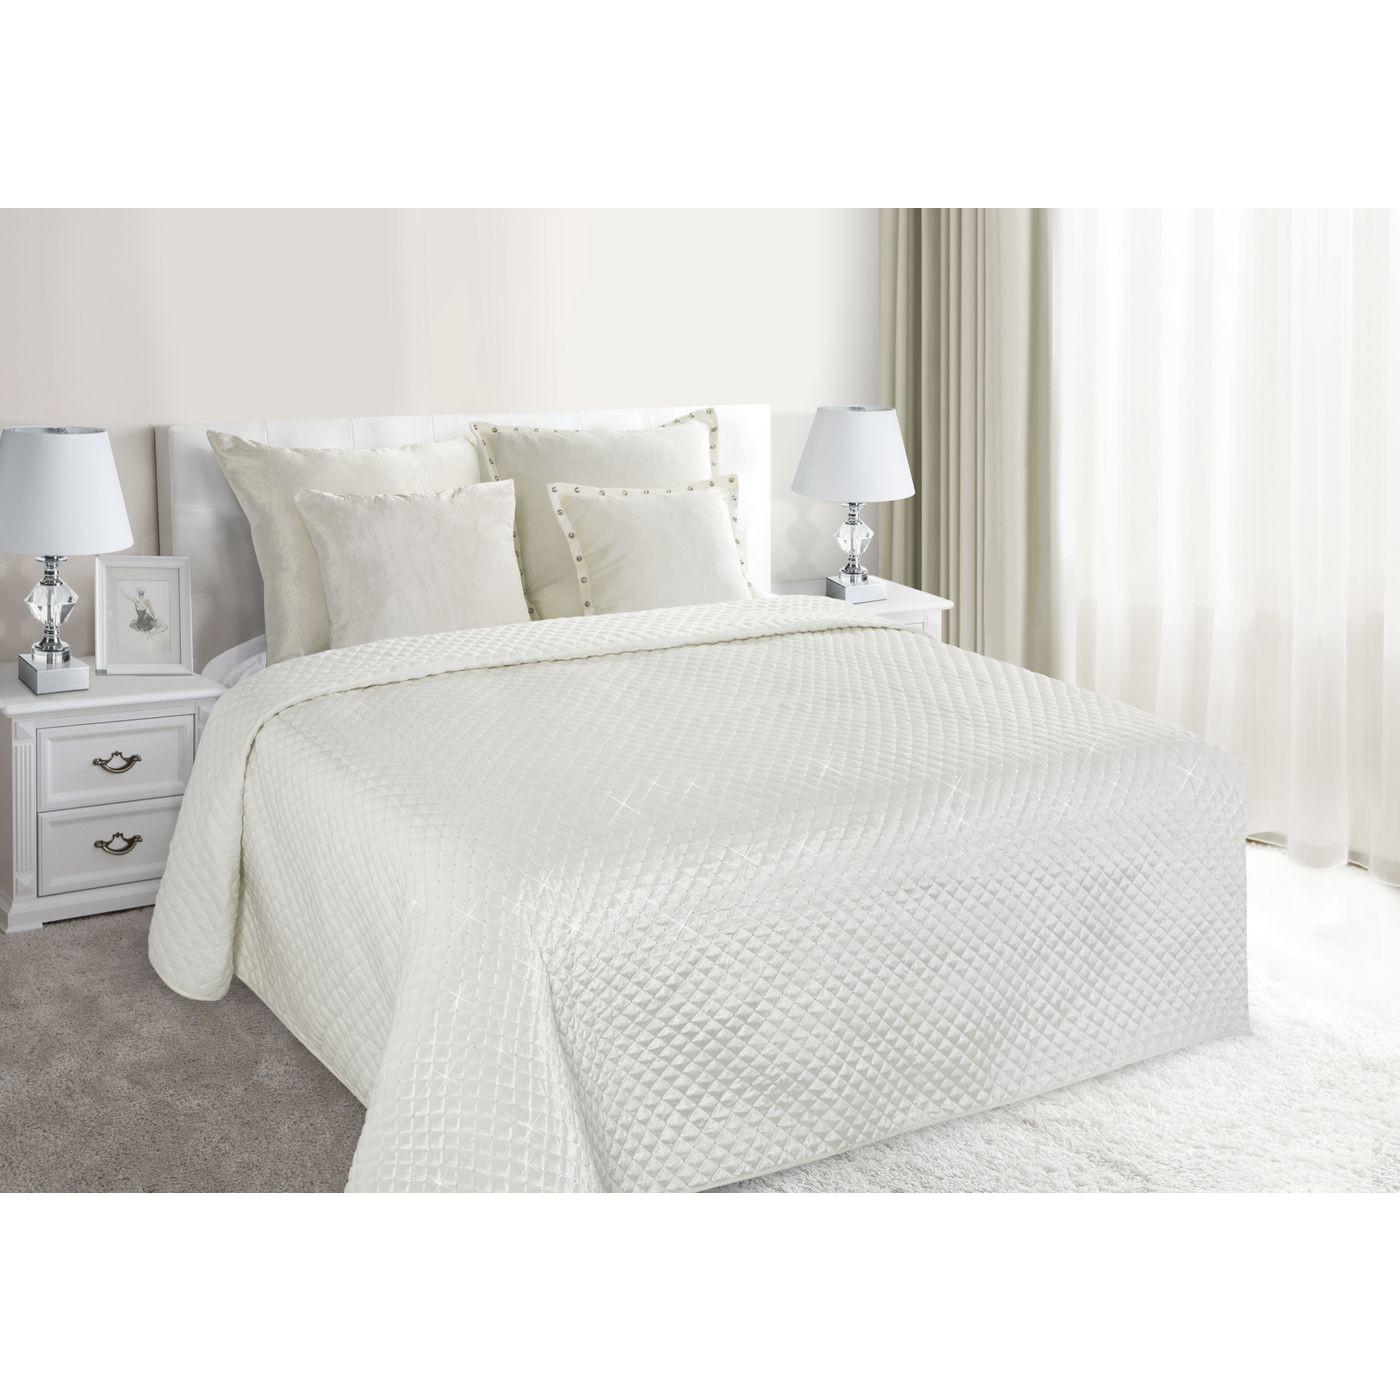 Narzuta na łóżko pikowana zdobiona cekinami 170x210 cm kremowa